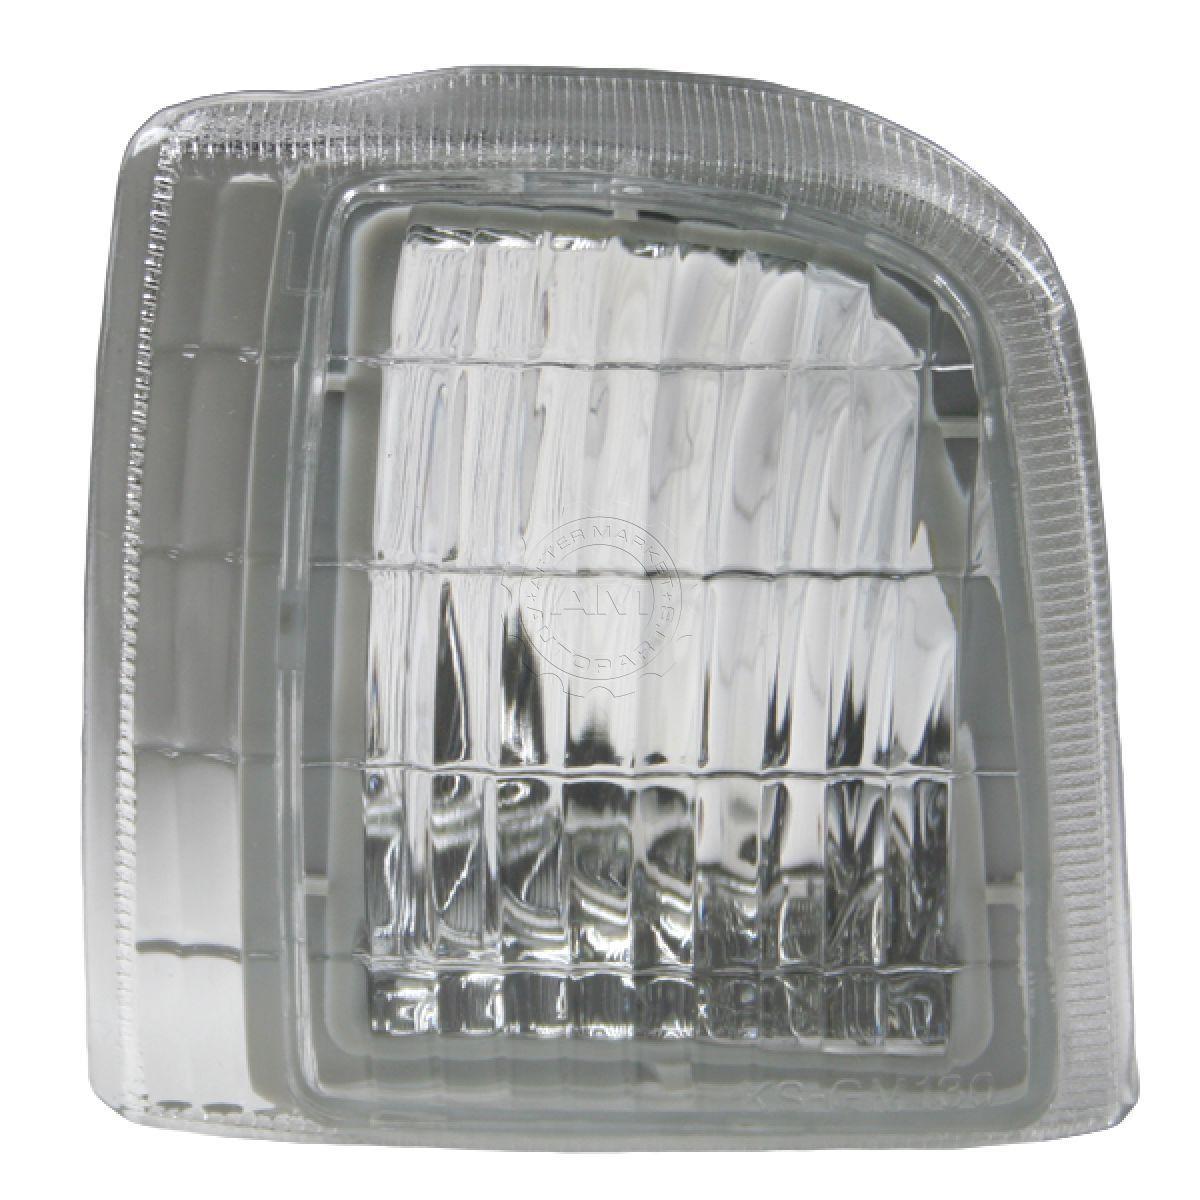 コーナーライト Side Corner Lamp Left for Chevy Astro Safari 95 96 97-05 シェビーアストロサファリのために残されたサイドコーナーランプ95 96 97-05